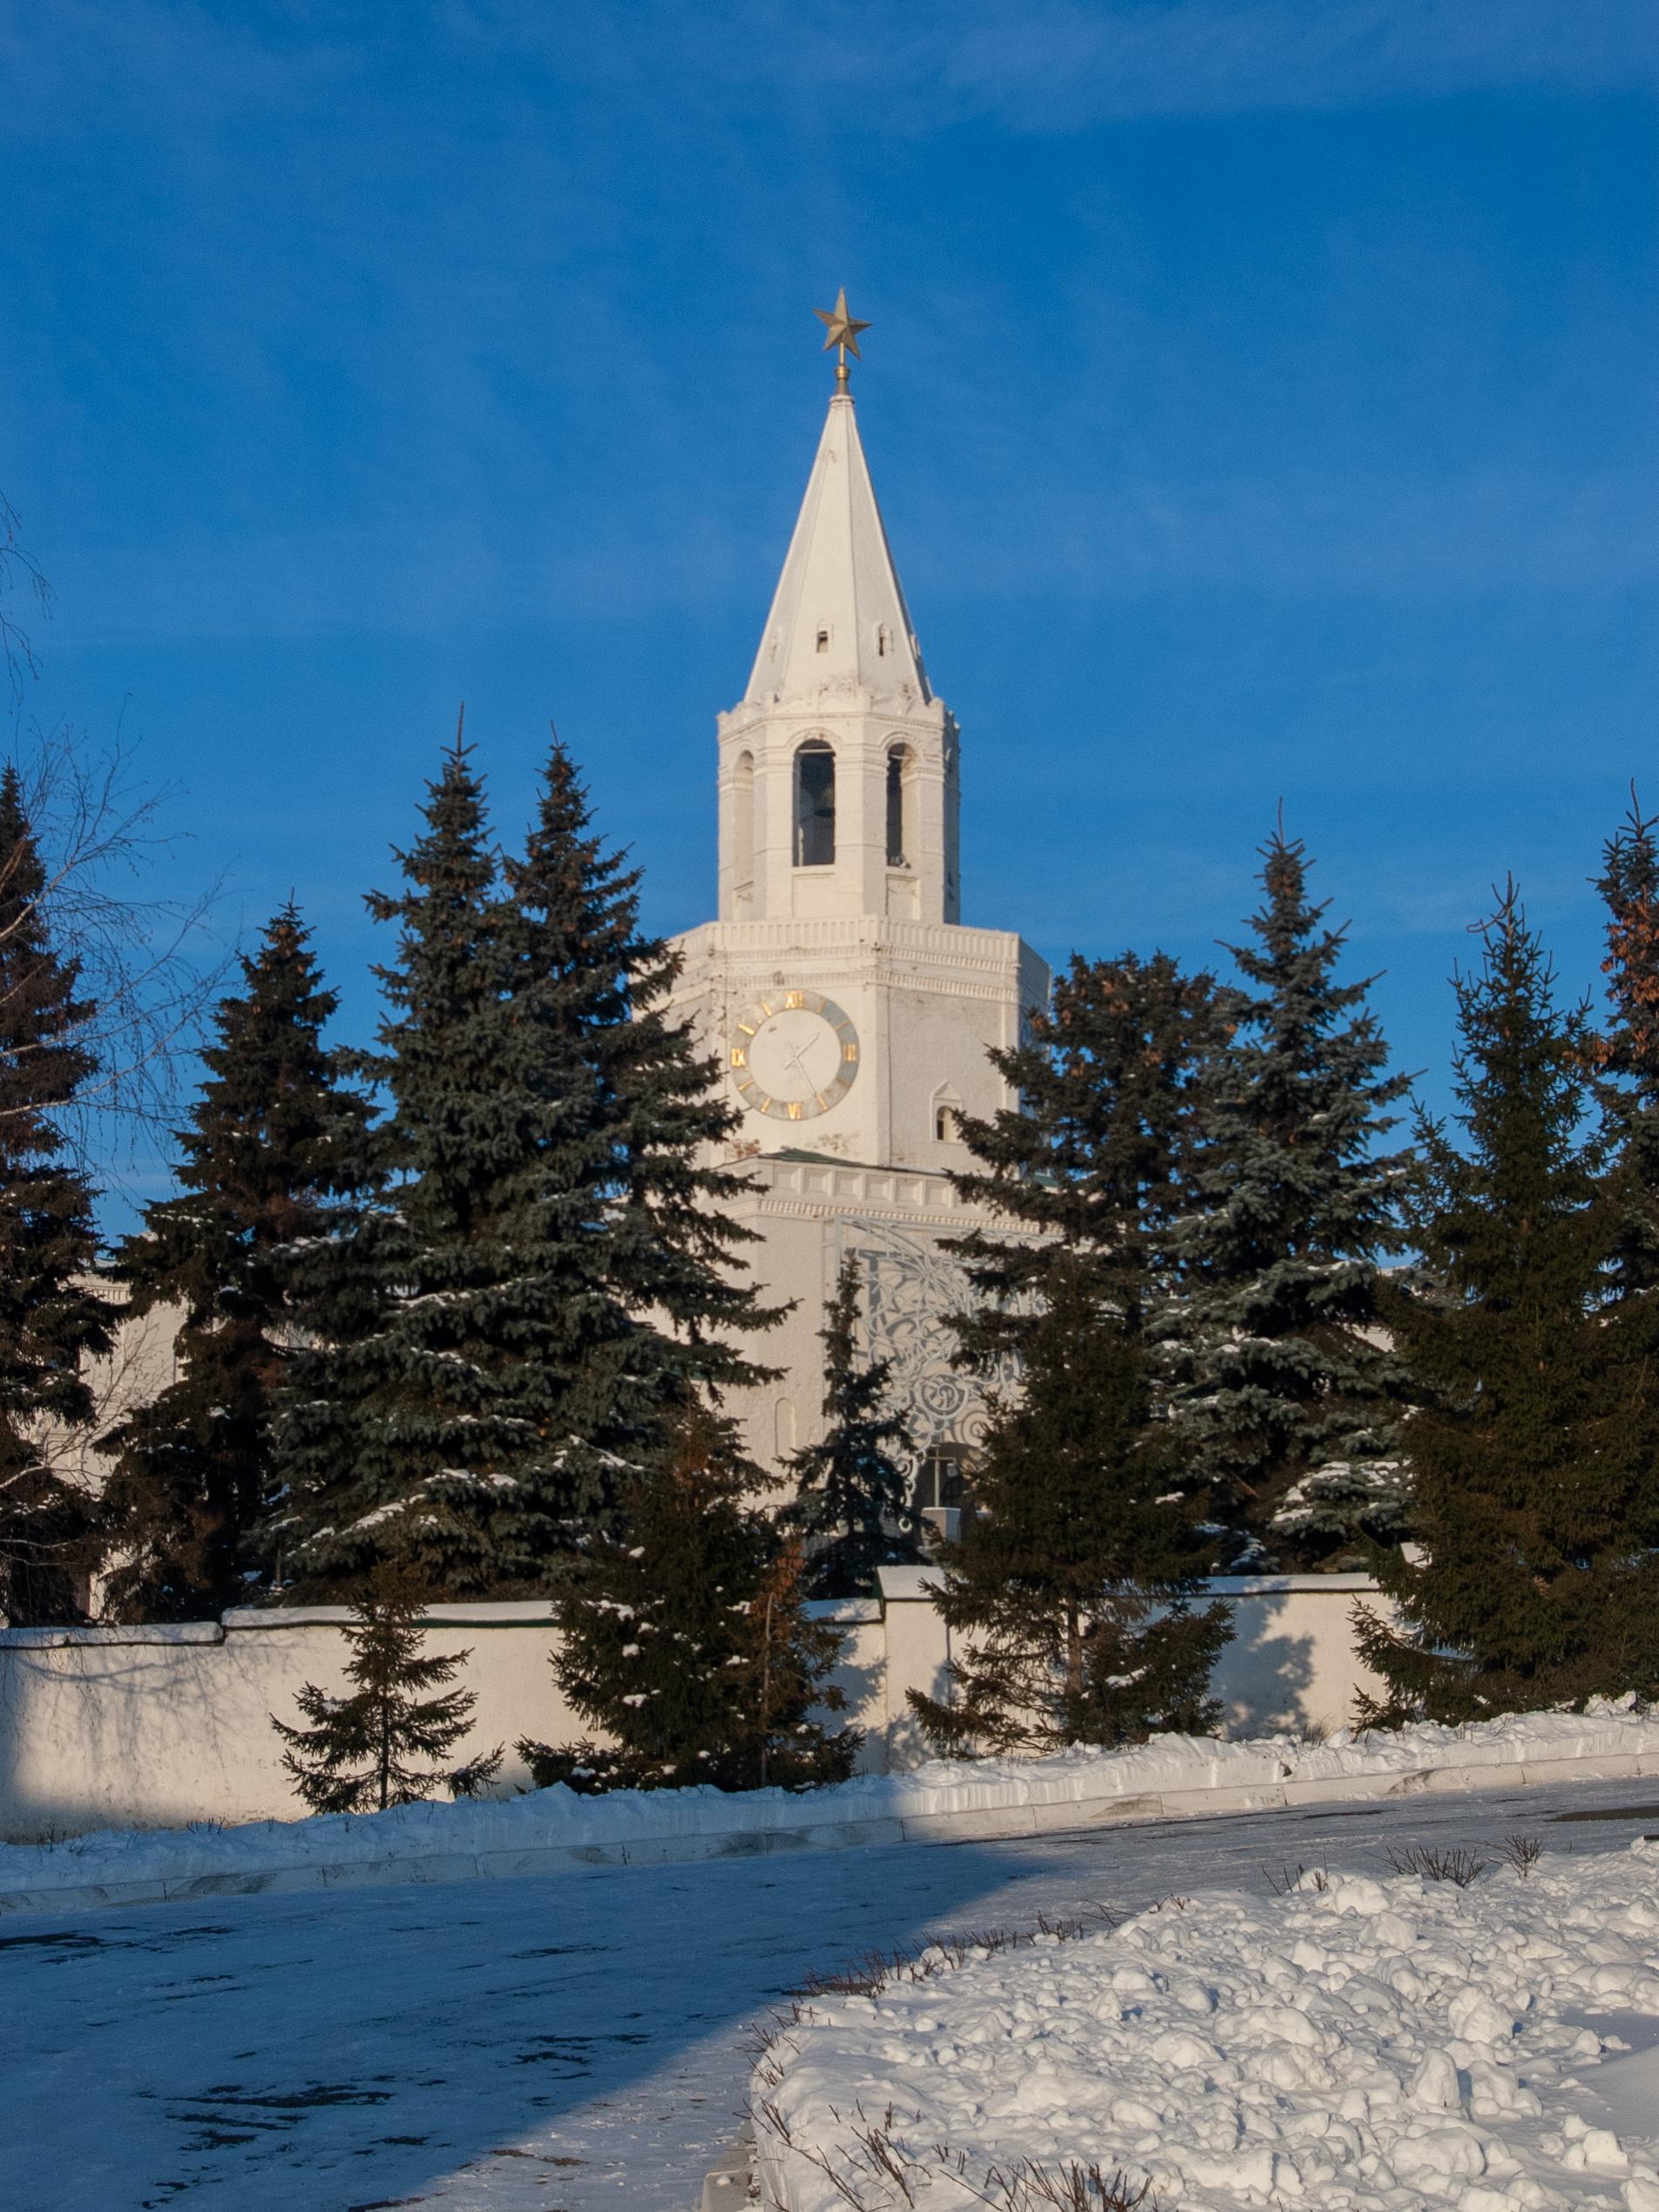 И напоследок Спасская башня казанского кремля с необычного ракурса. Вид со двора монастыря.